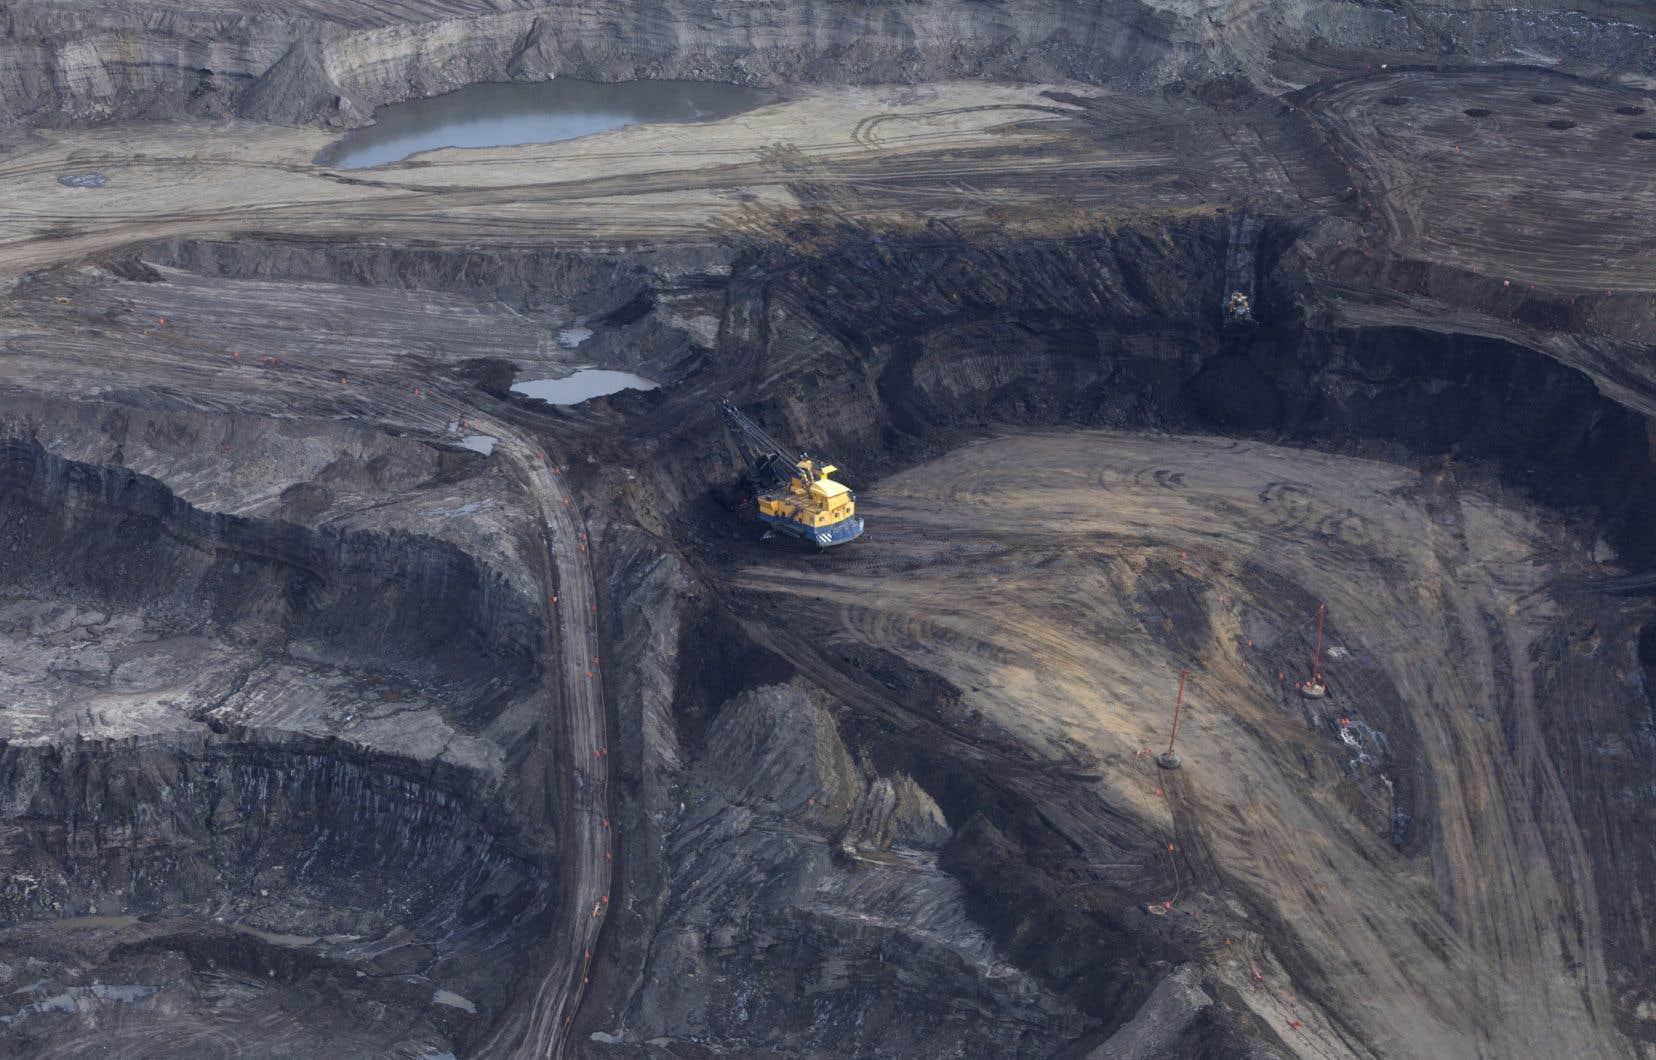 Il faut un terme à toutes subventions au secteur des énergies fossiles, affirme l'autrice.